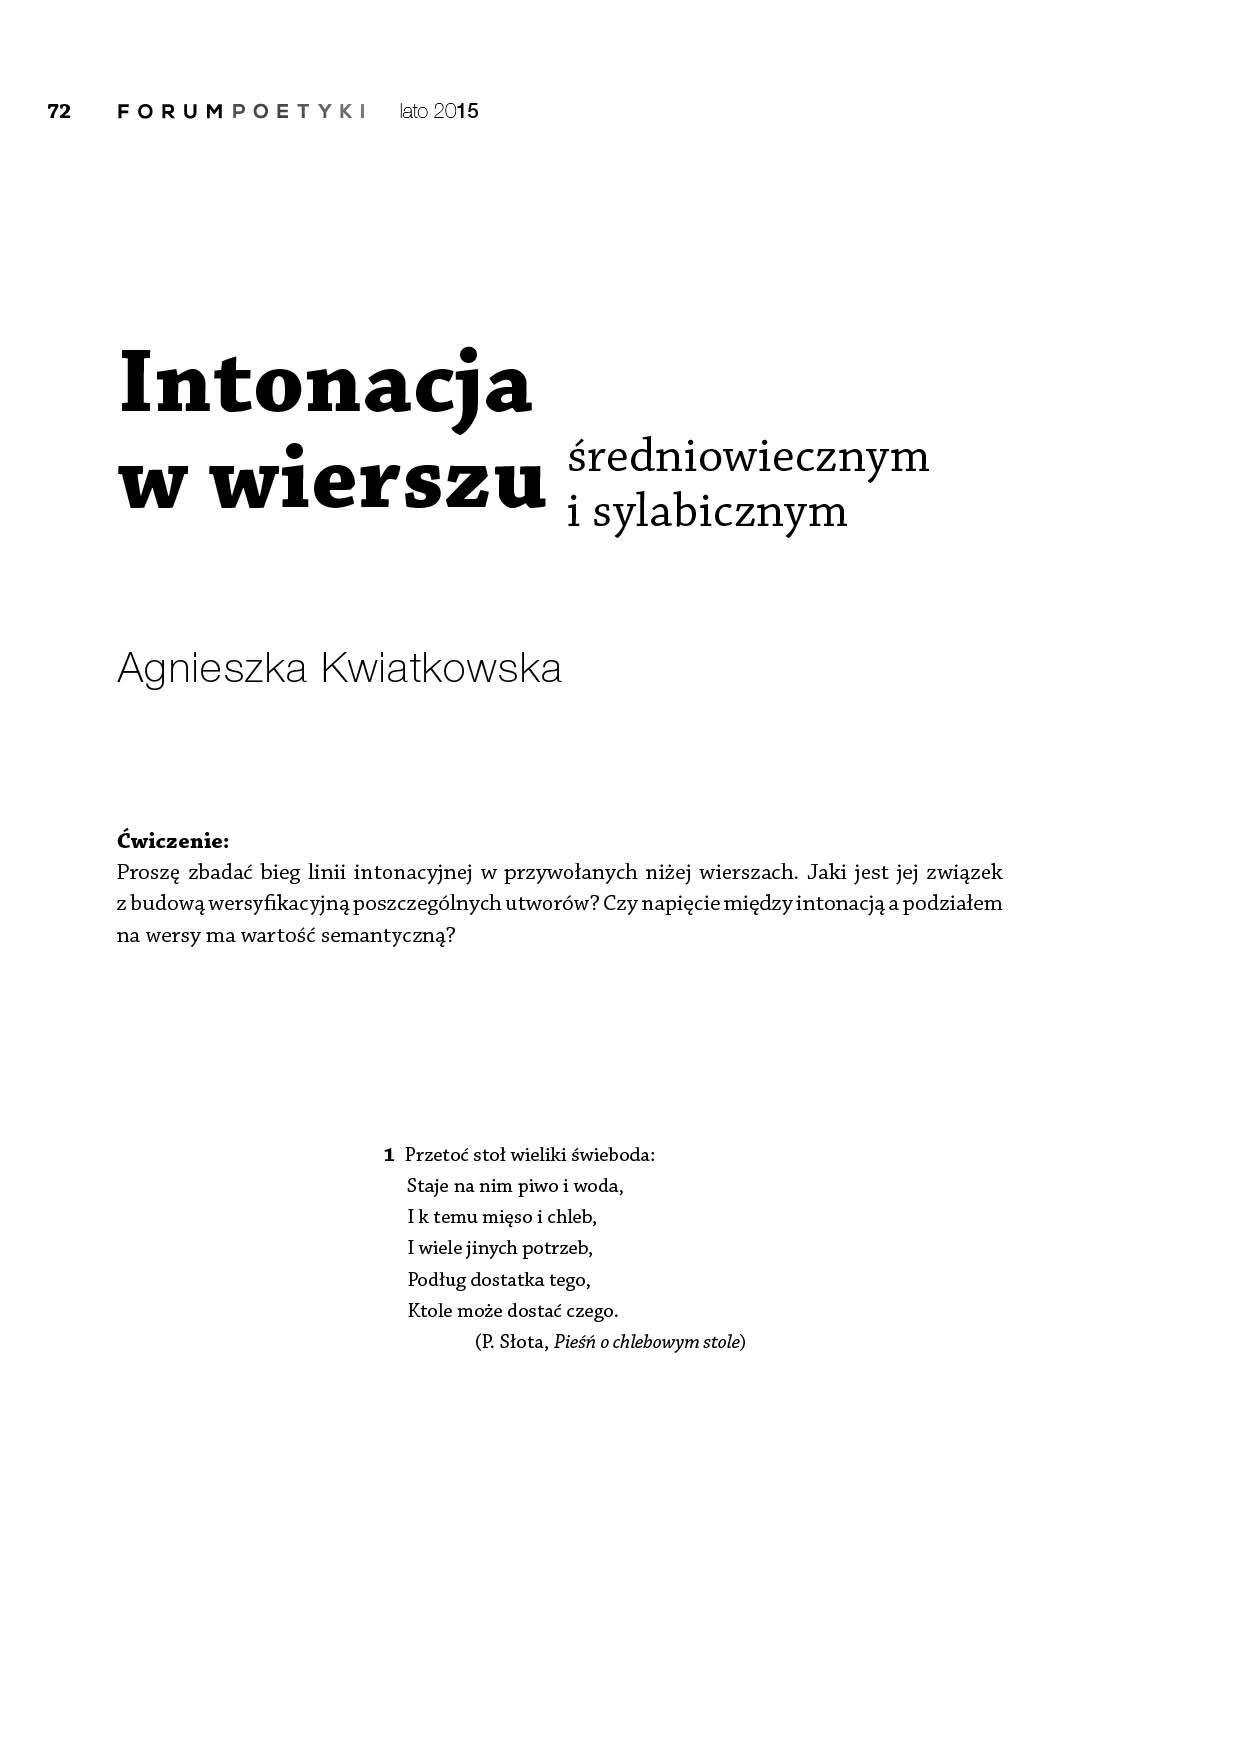 Intonacja W Wierszu średniowiecznym I Sylabicznym ćwiczenia